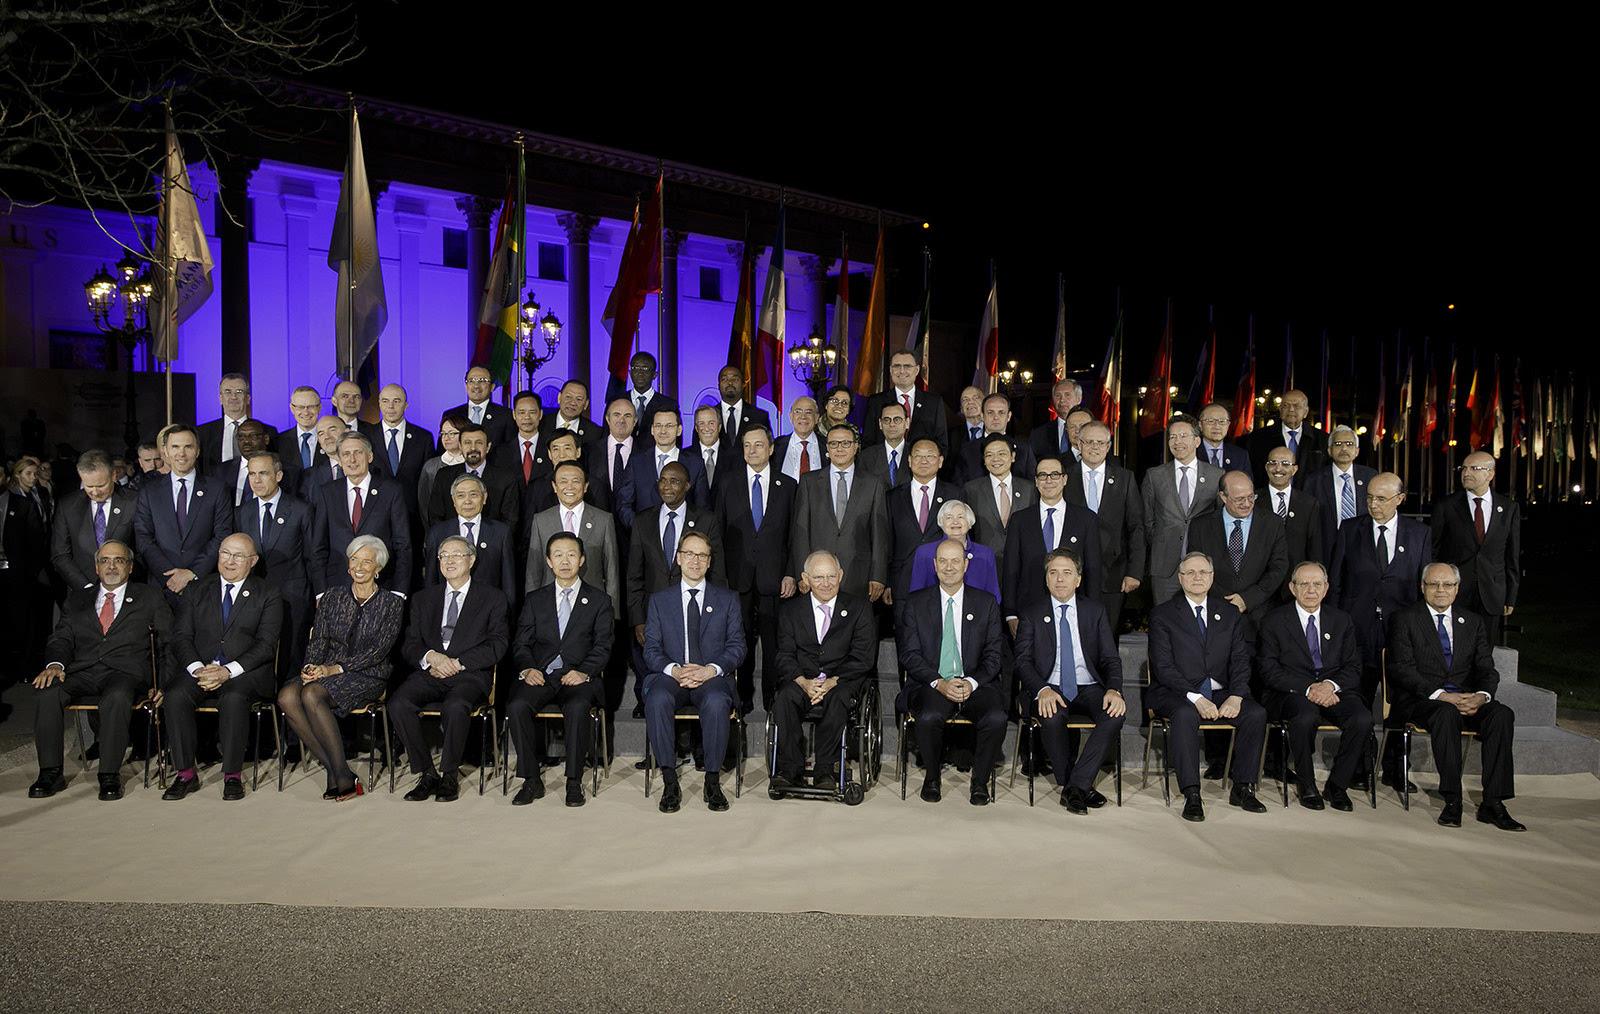 G20財長和央行行長會在德國閉幕中國呼吁反對保護主義